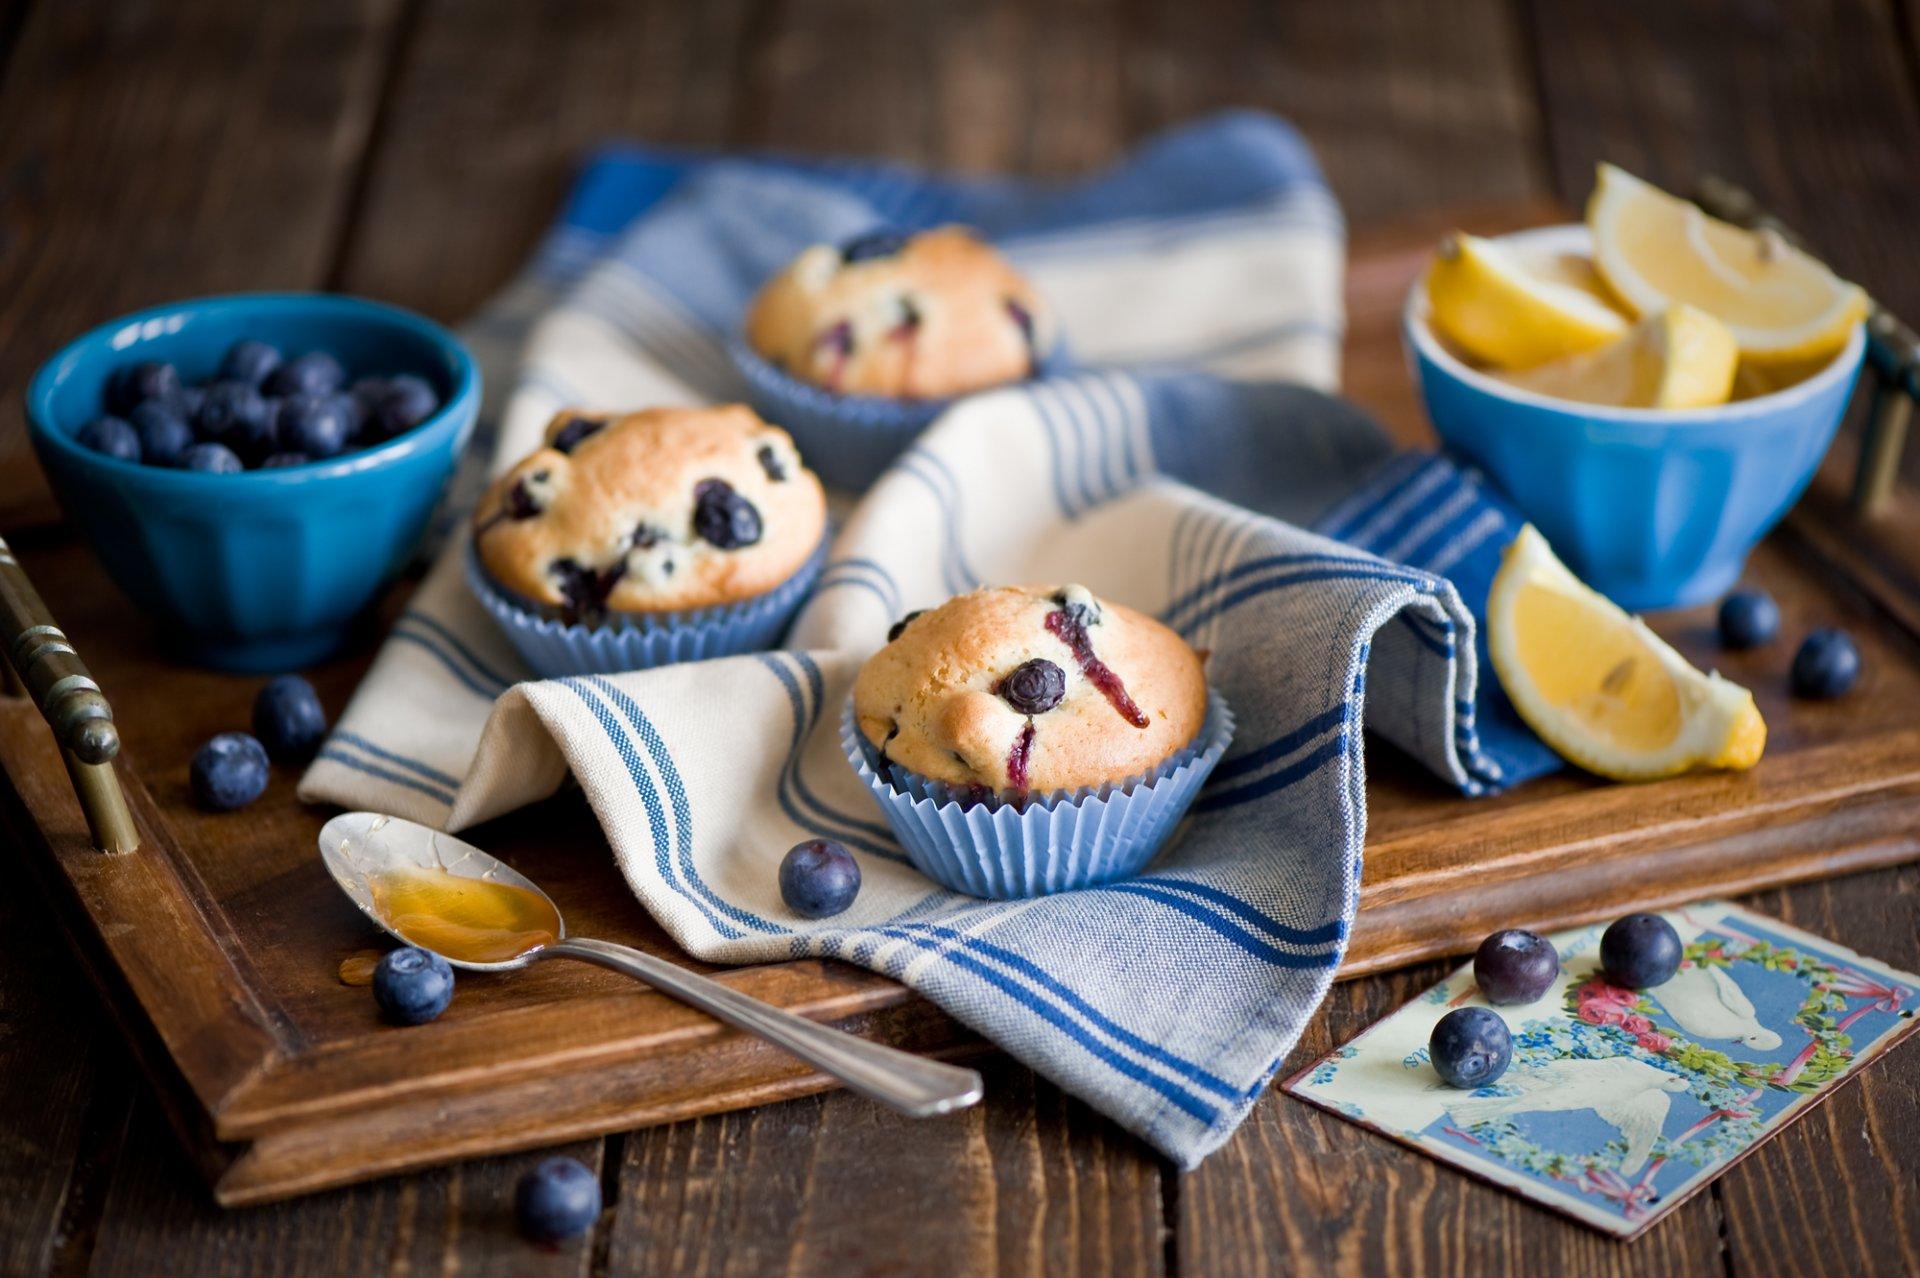 пирожные лимоны чай  № 3678291 бесплатно